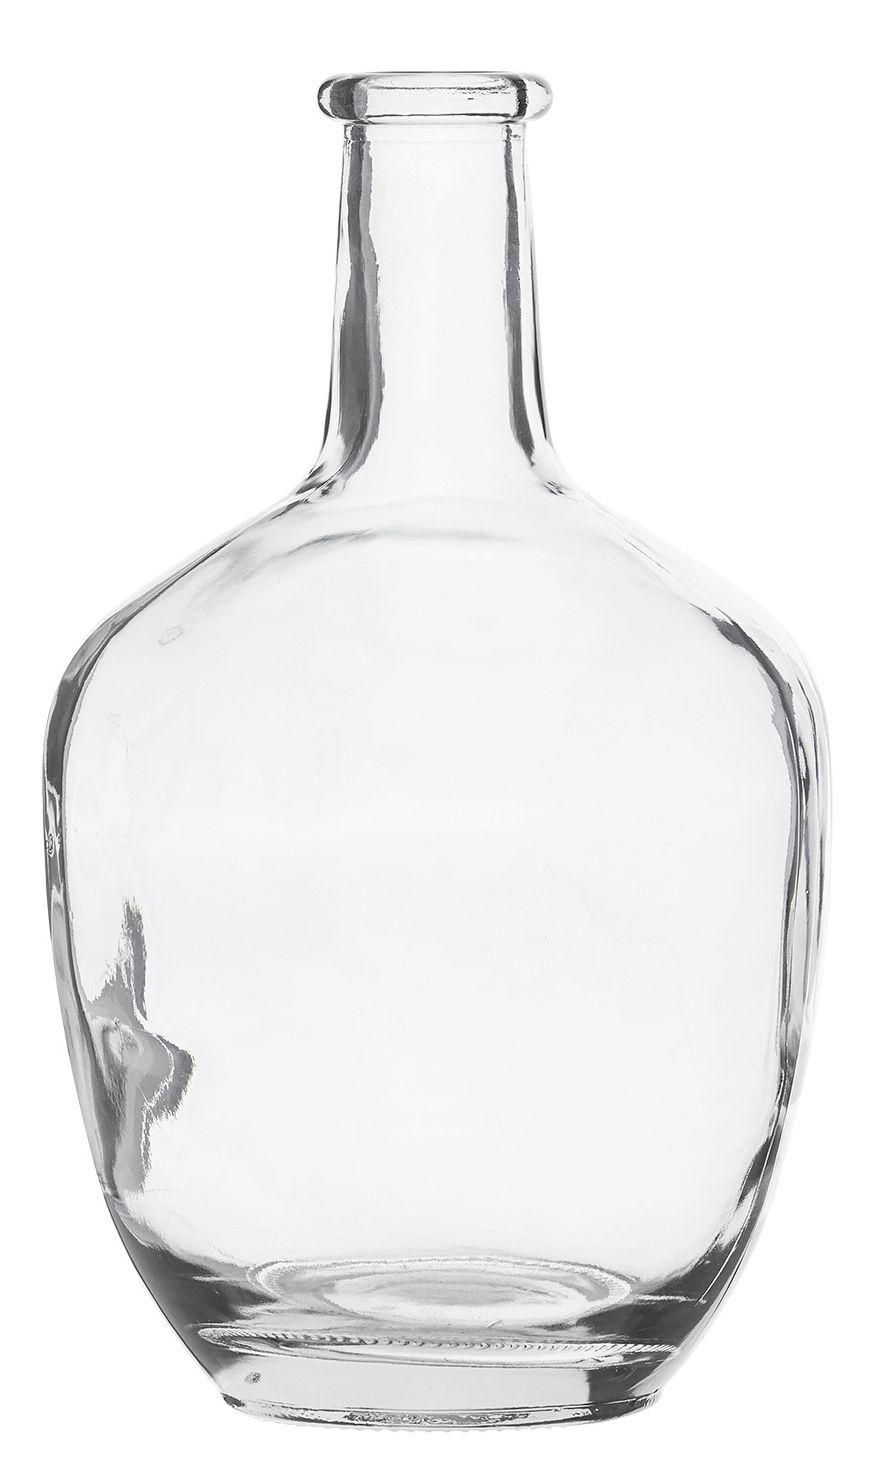 Déco - Vases - Soliflore Bottle / Ø 14 x H 25,5 cm - House Doctor - Transparent - Verre